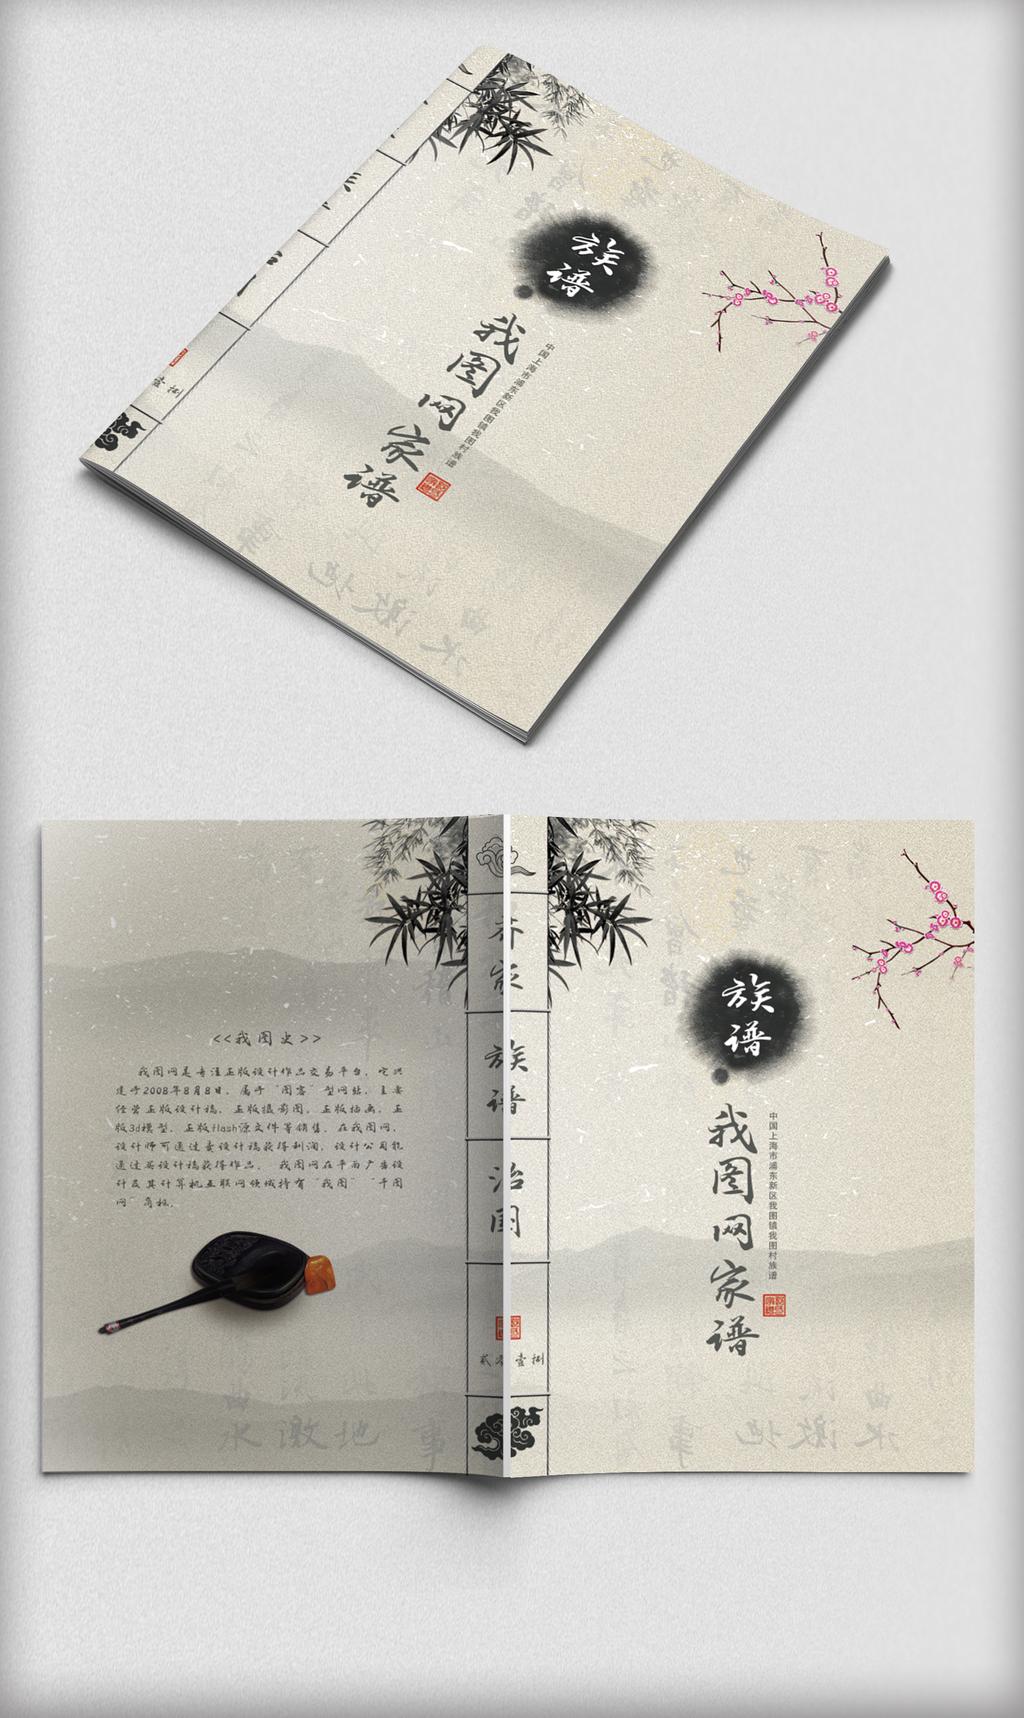 复古中国风族谱家谱封面图片设计素材 高清PSD模板下载 161.22MB